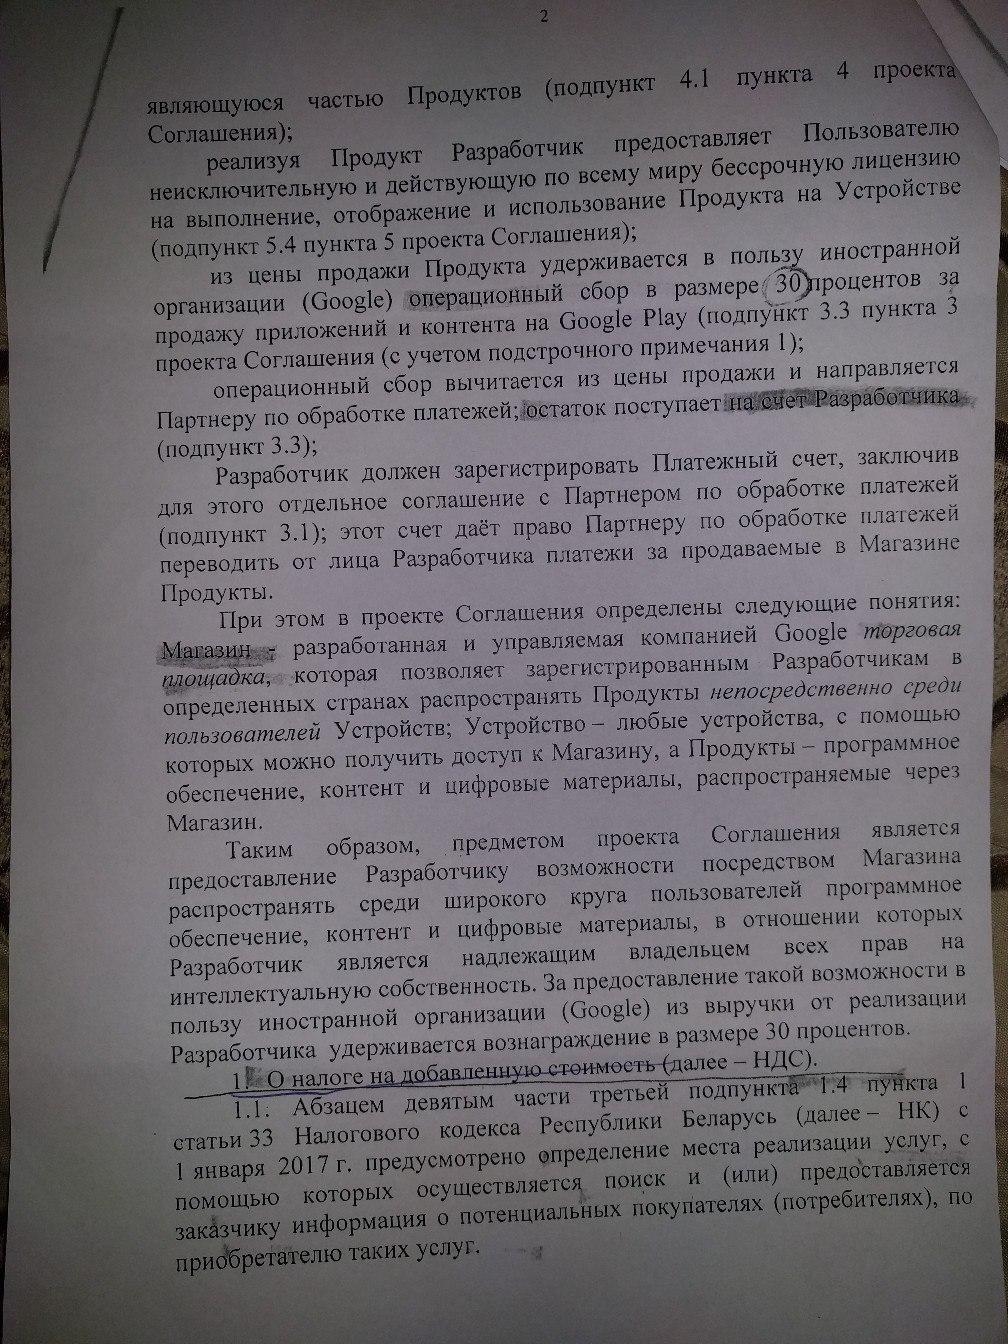 Налоги на доход от Google в Республике Беларусь - 2